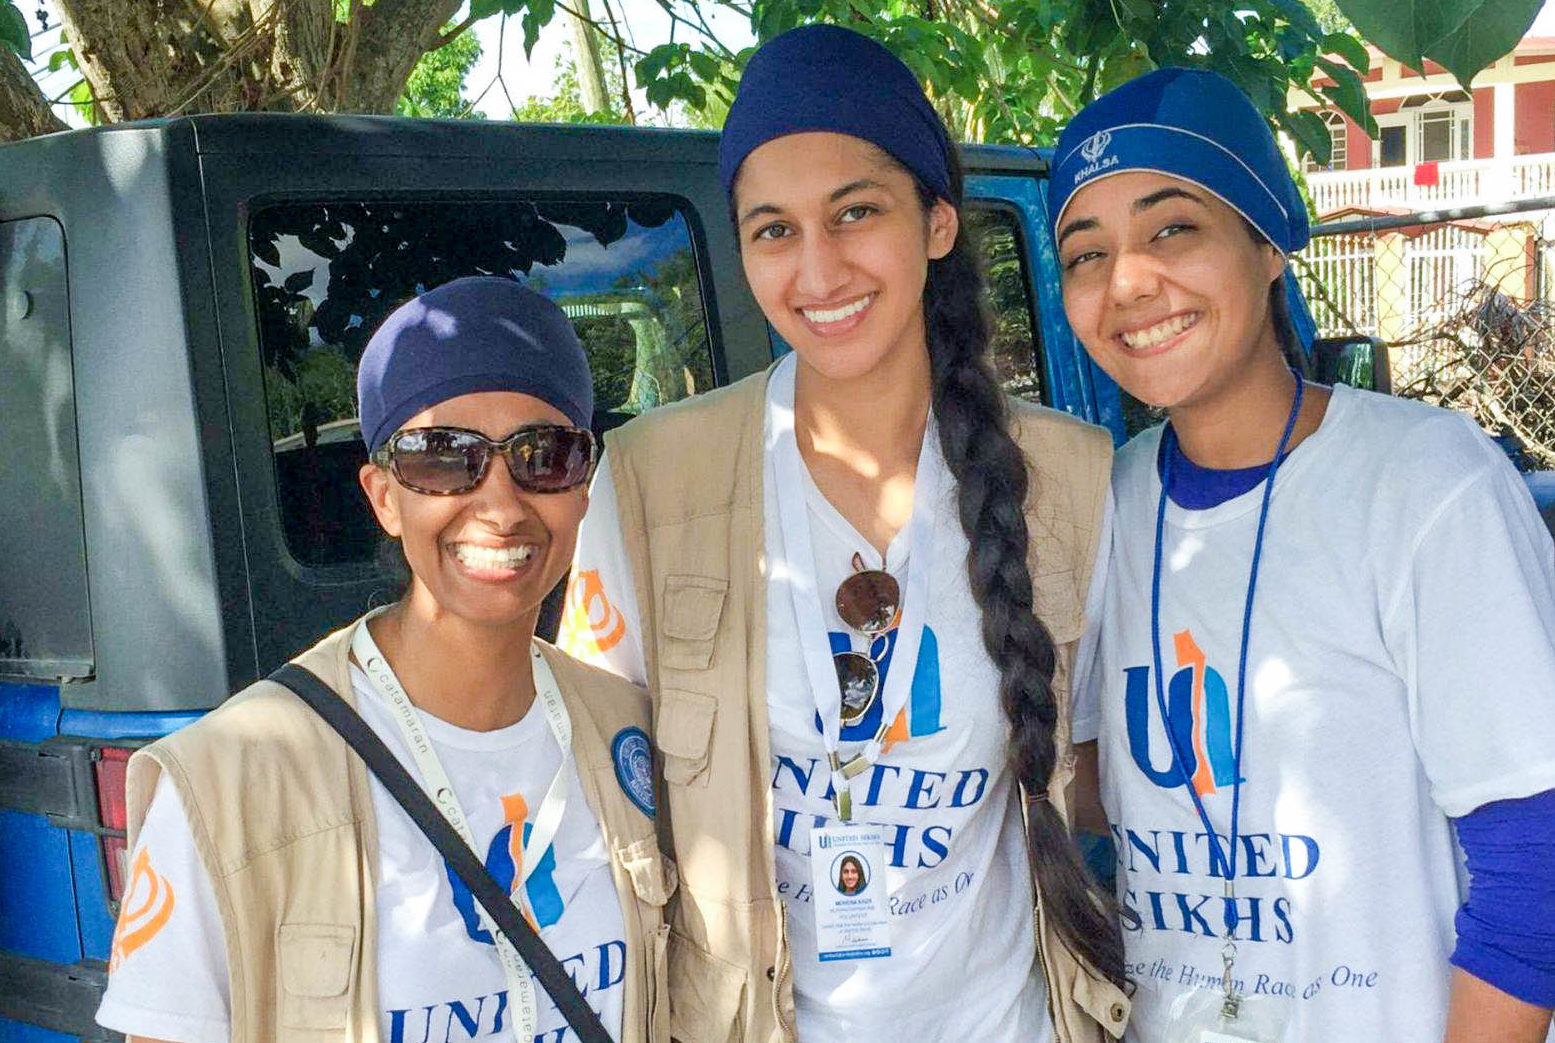 Jasvir Kaur United Sikhs